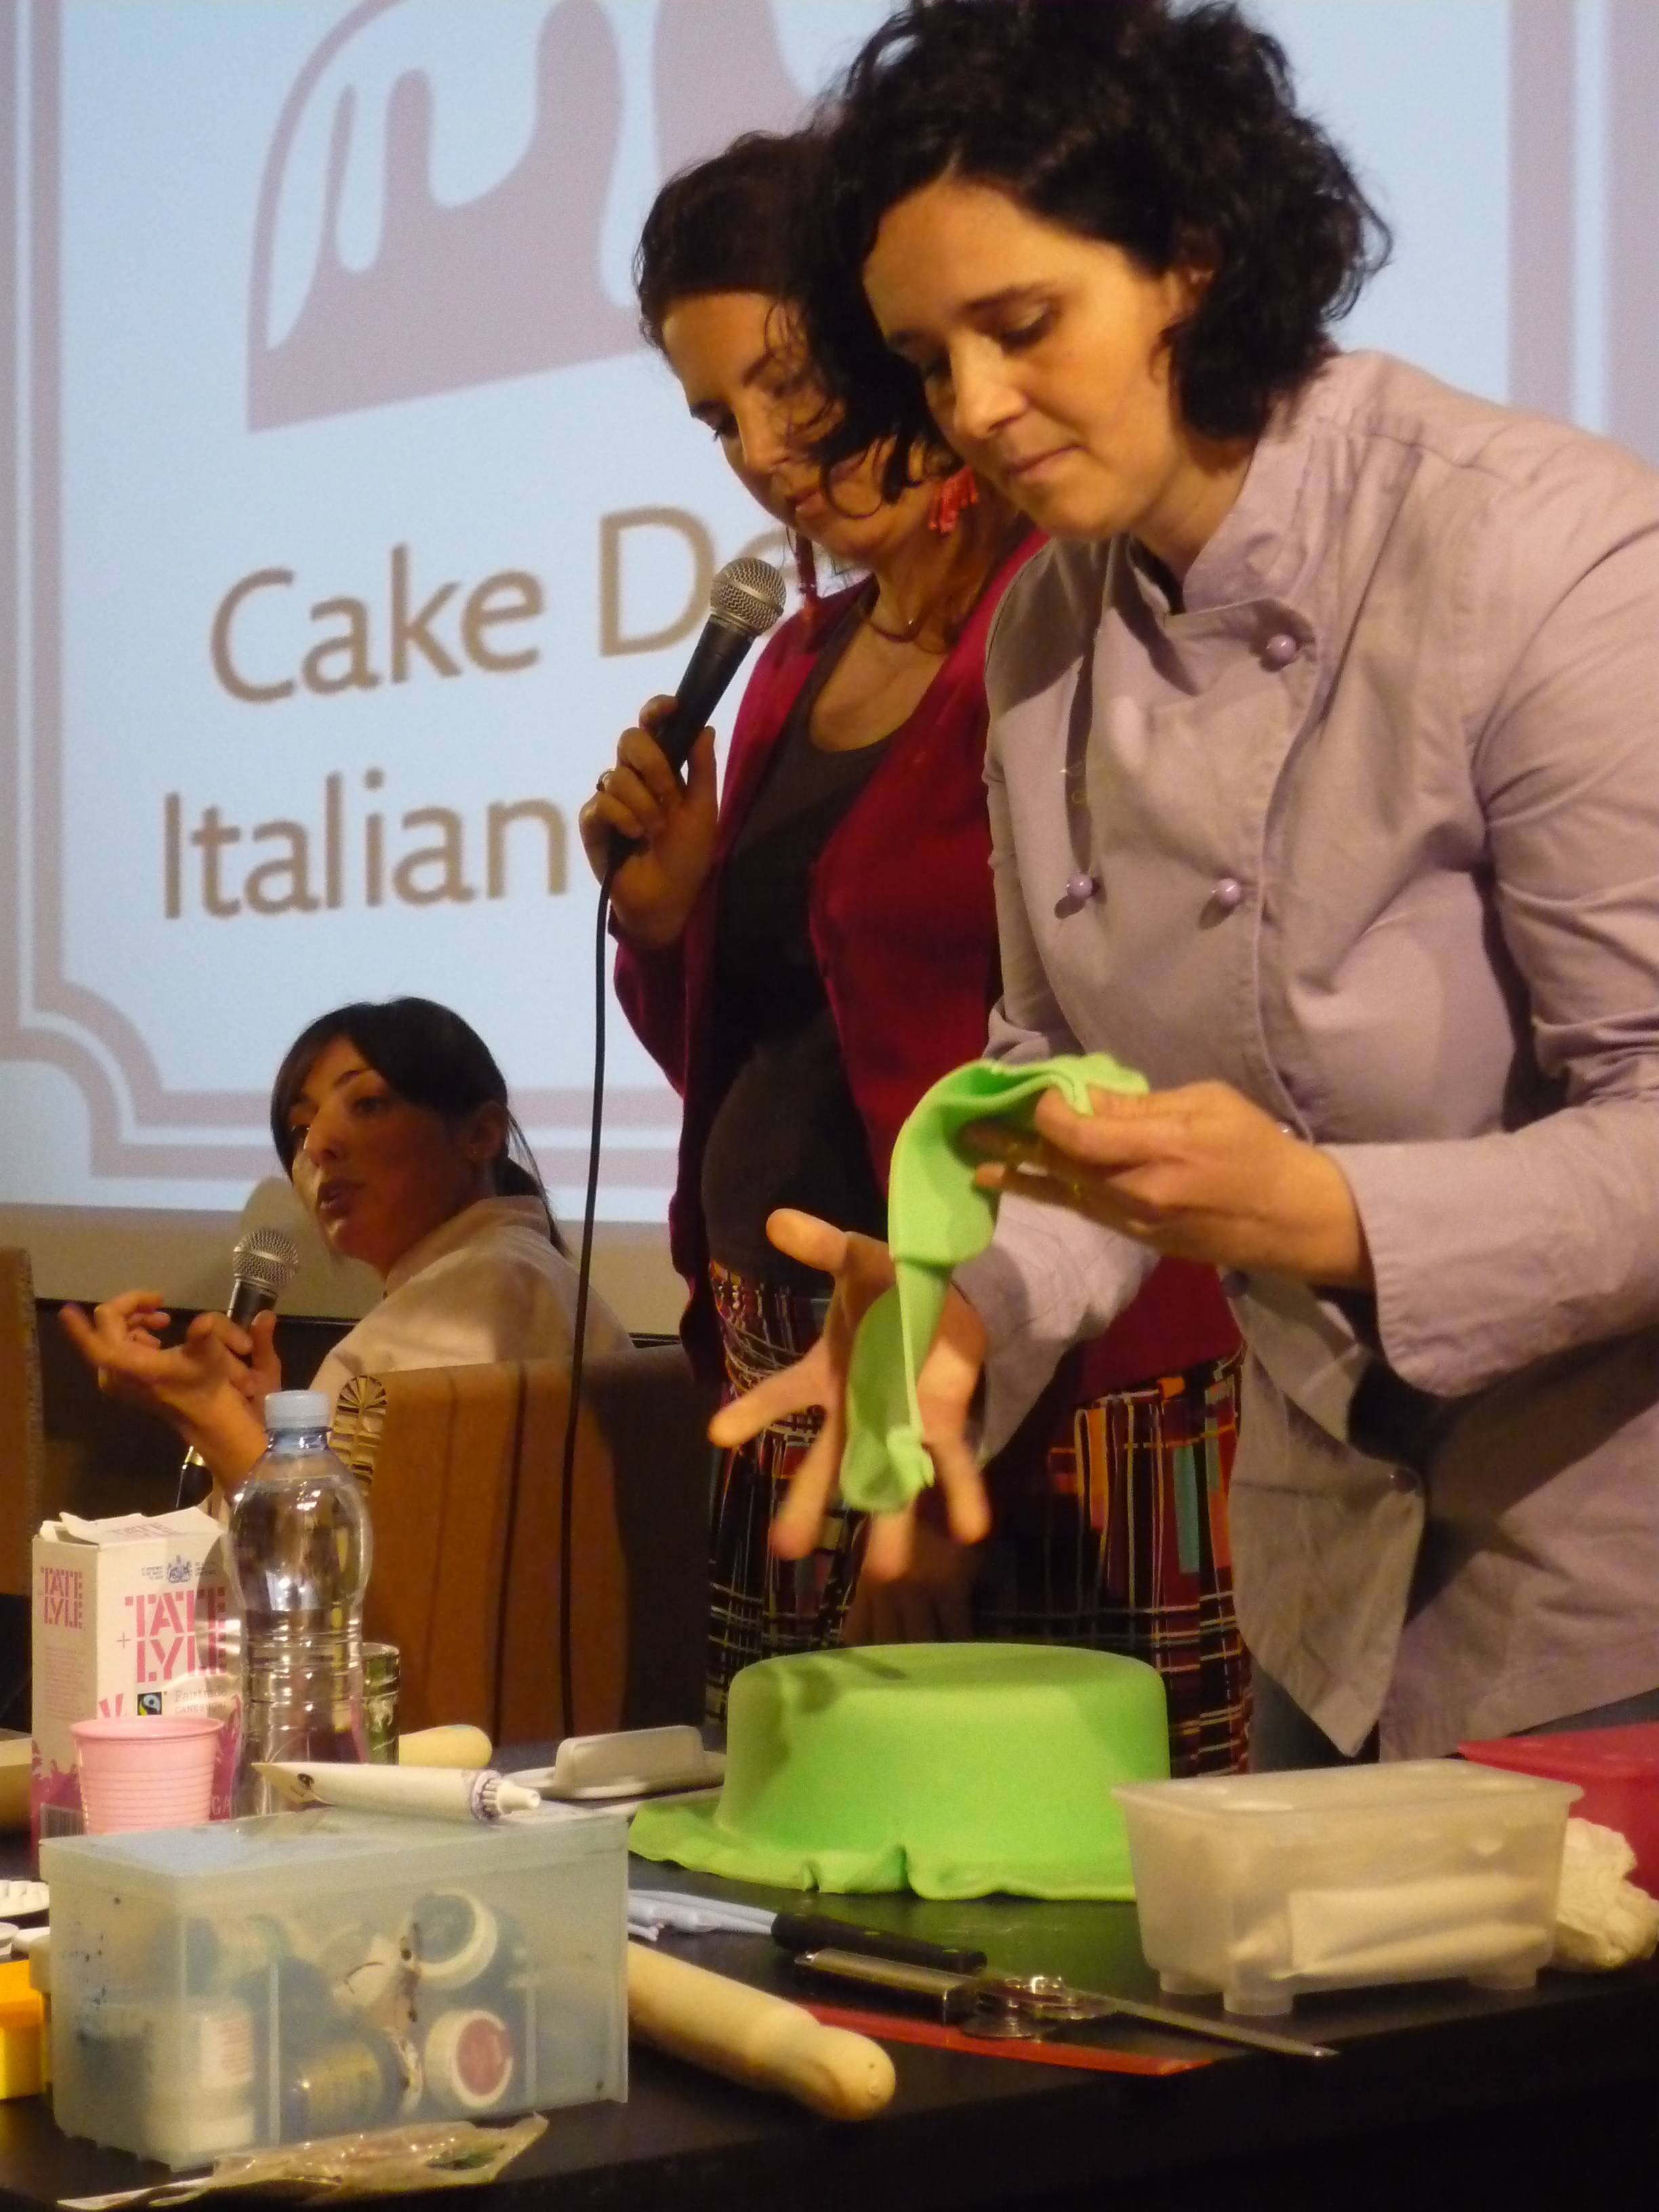 Corsi di cake design by Silovoglio events! Eatitmilano